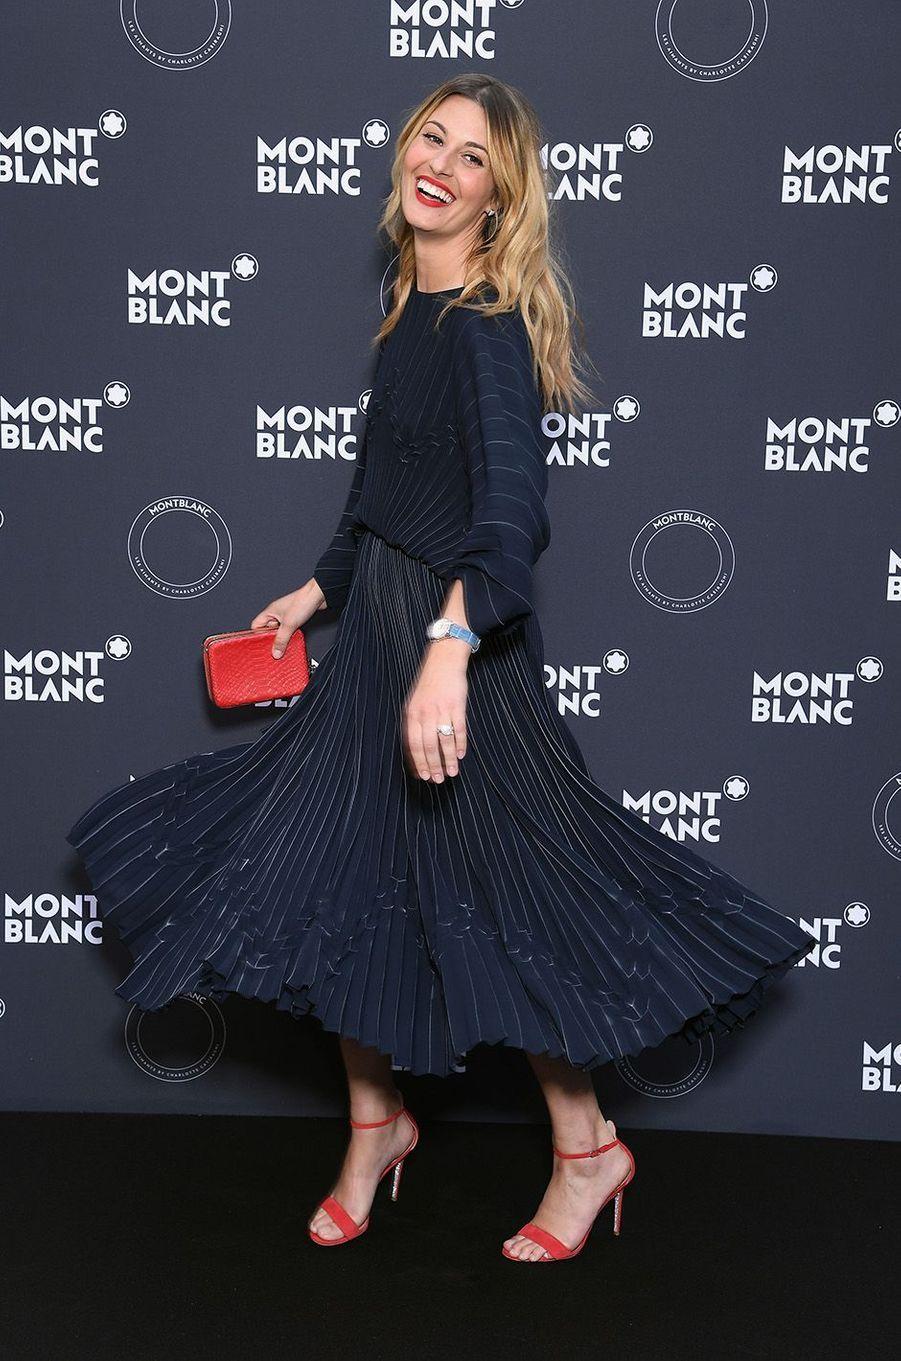 Sveva Alviti à la soirée Montblanc à Cannes, le 16 mai 2018.